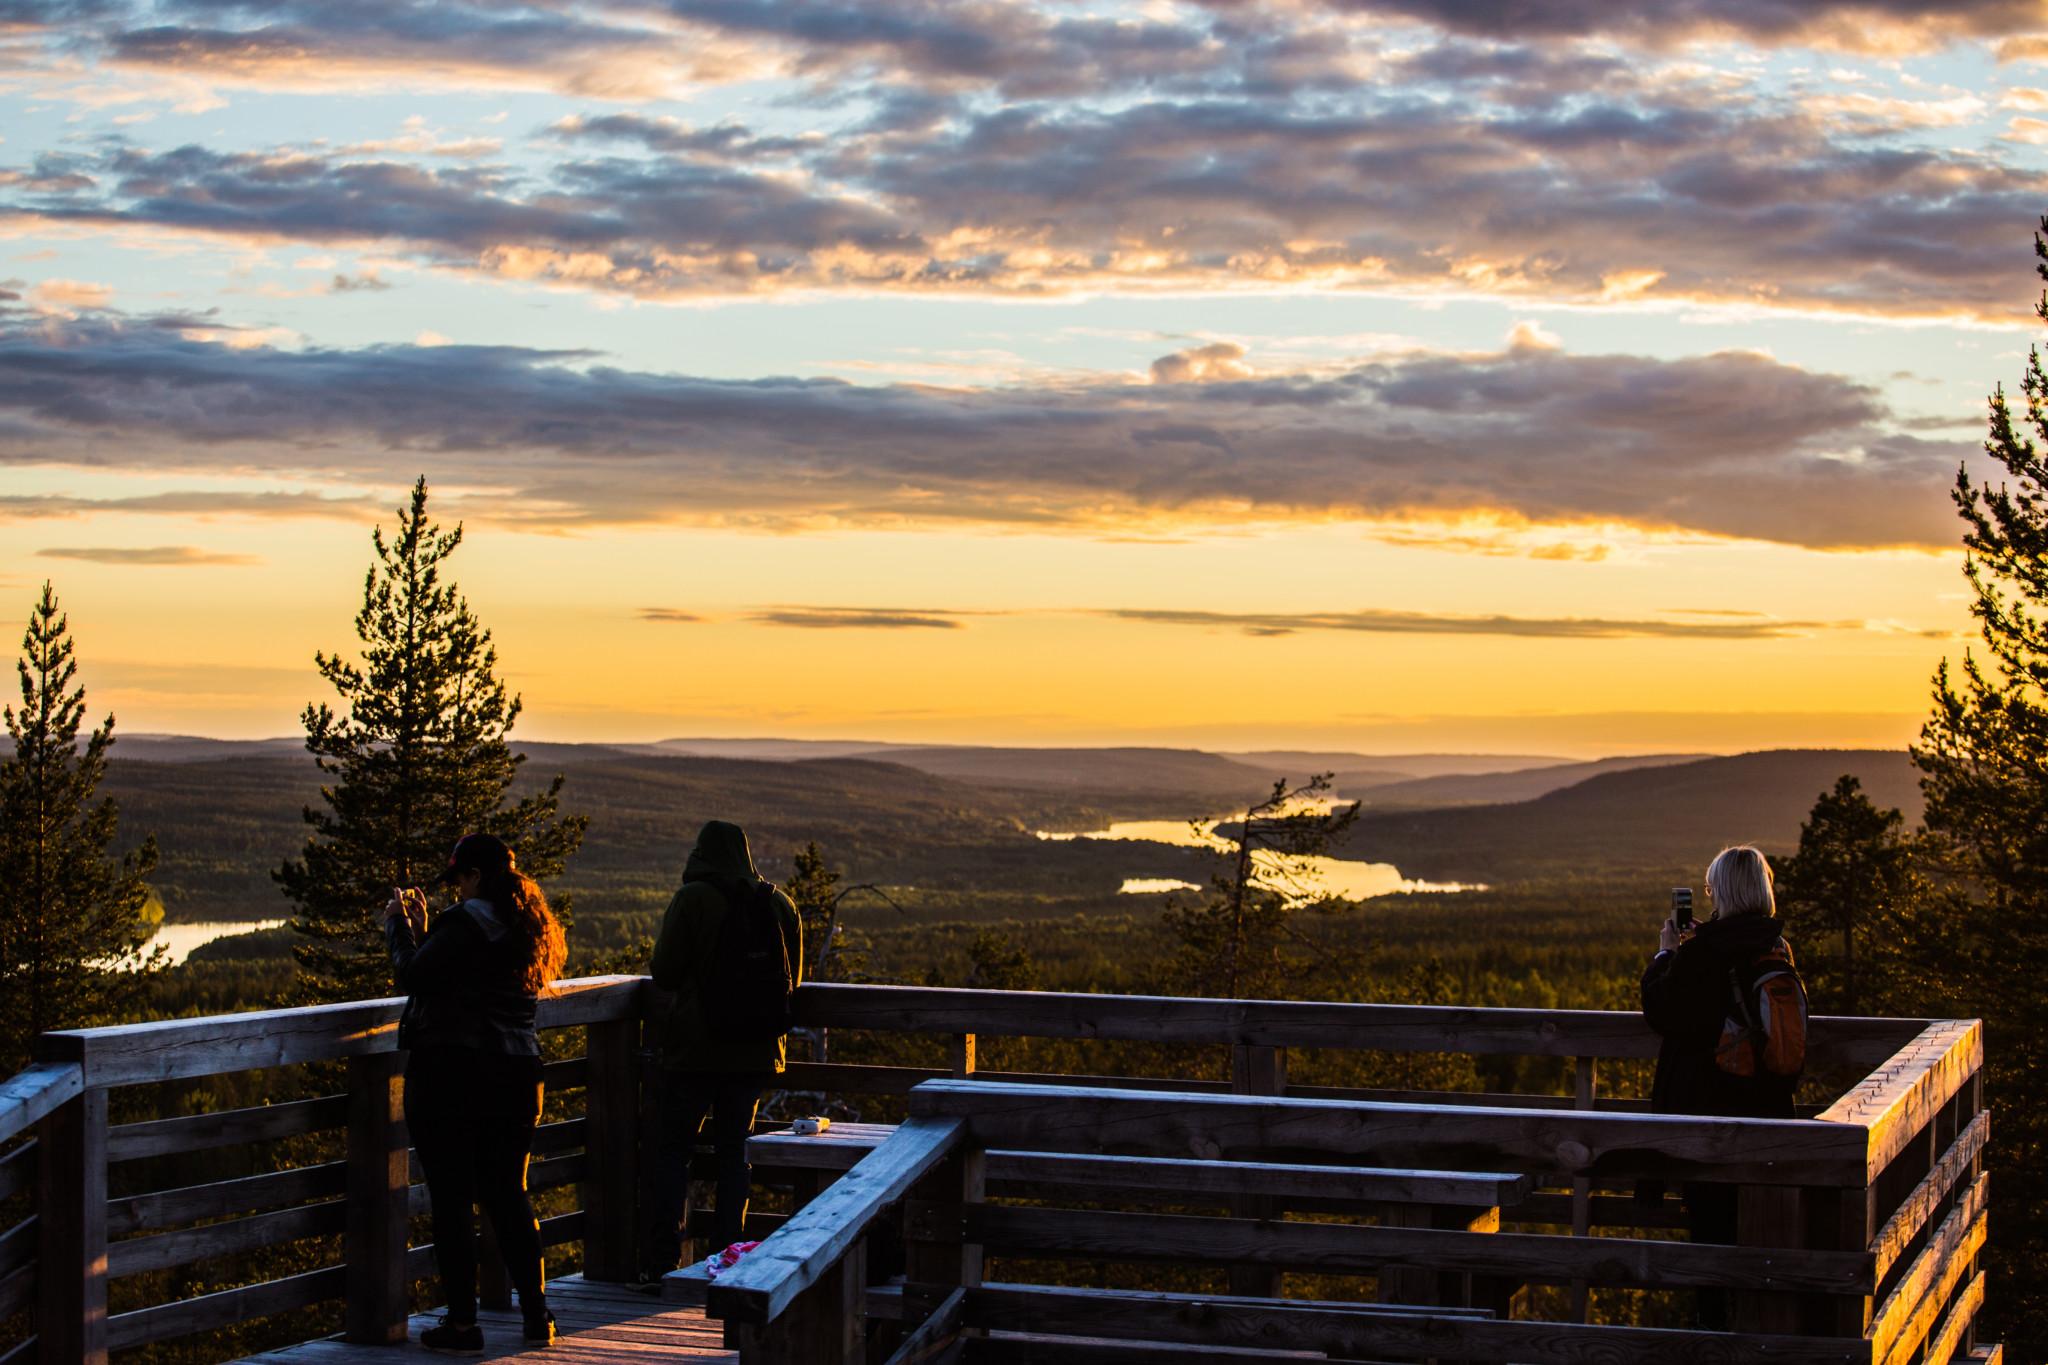 Sightseeing, Ounasvaara, Rovaniemi